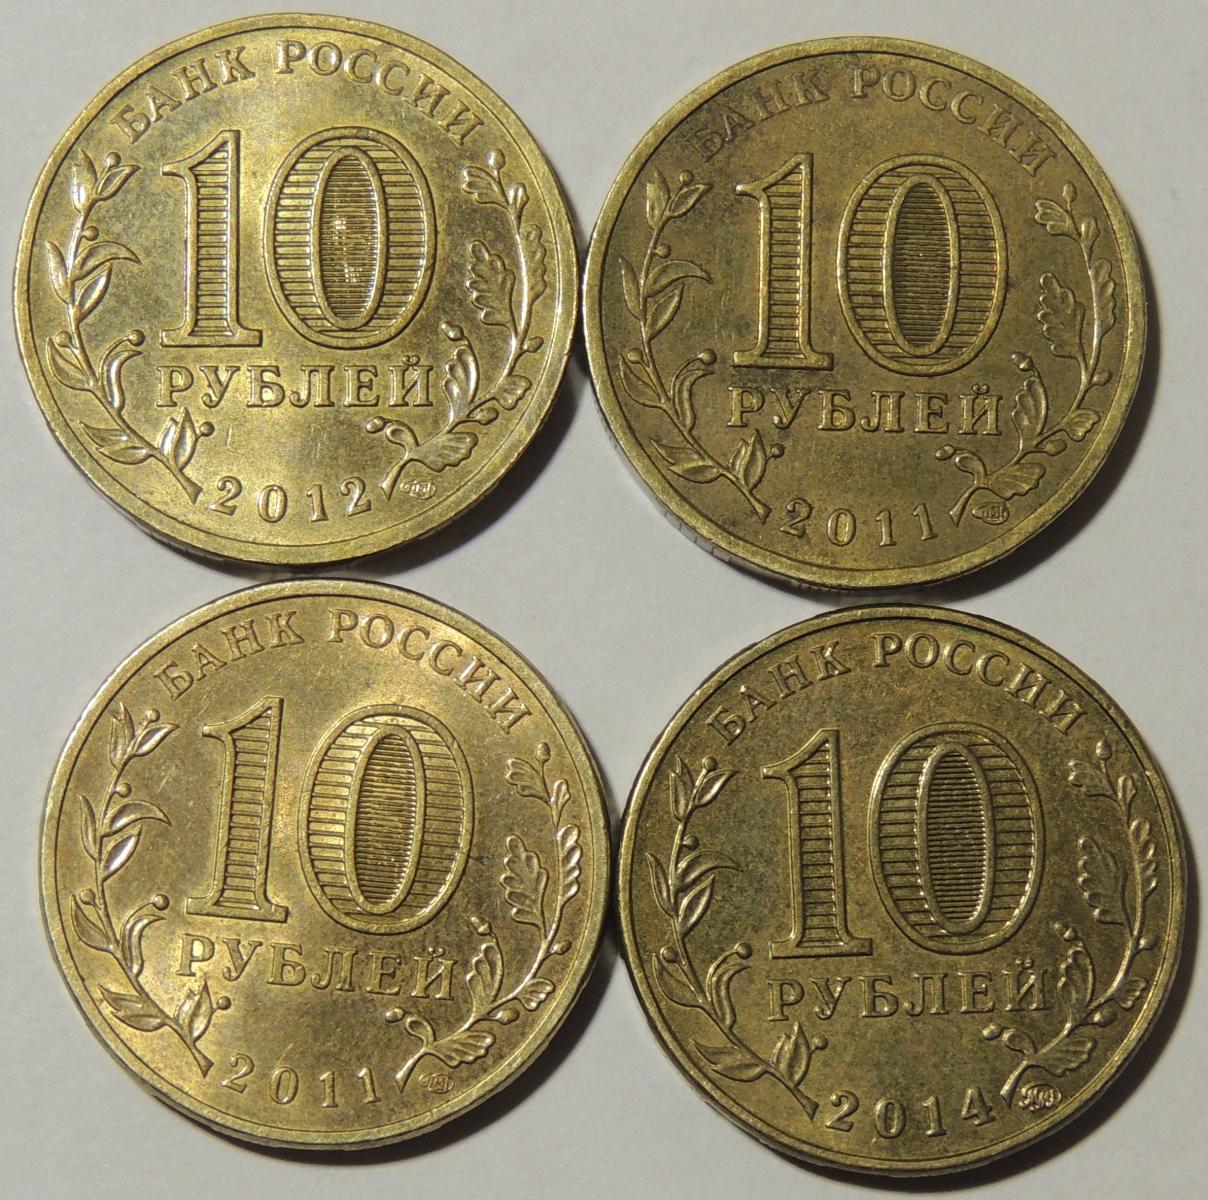 Гвс комплект журнал монеты и банкноты график выхода 2017